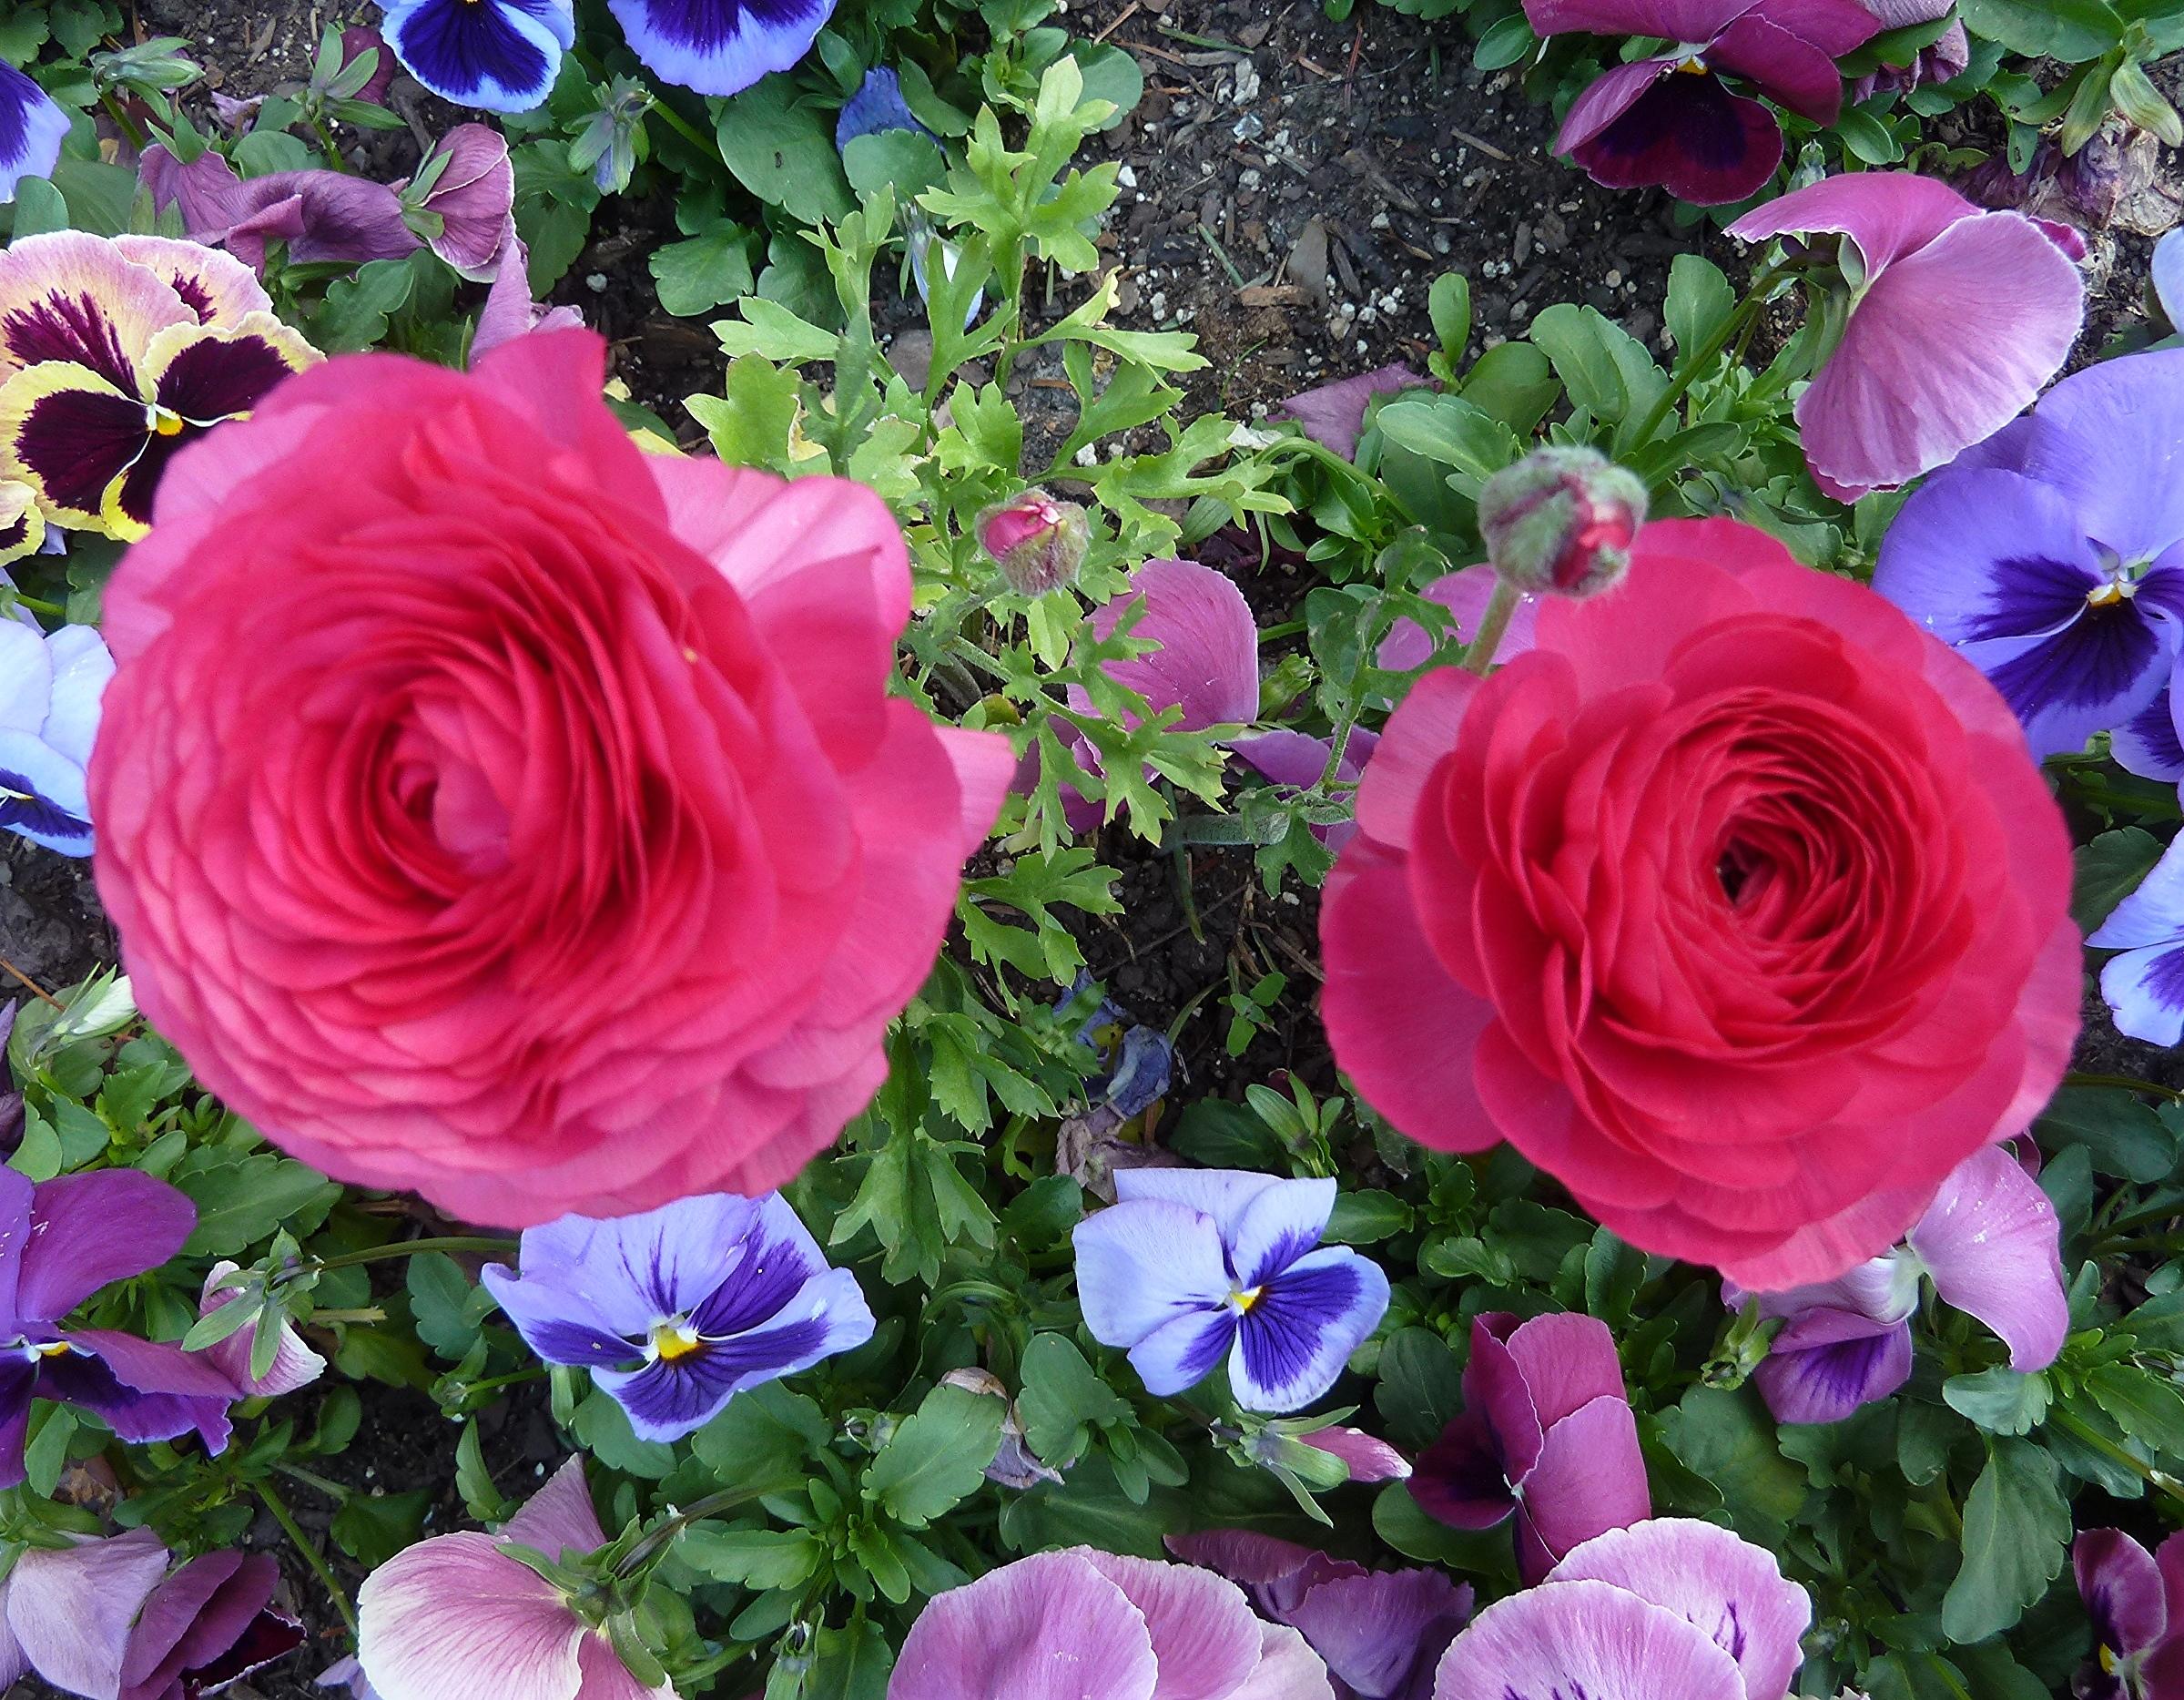 Fond D Ecran Fleur Rose Famille Rose Violet Roses De Jardin